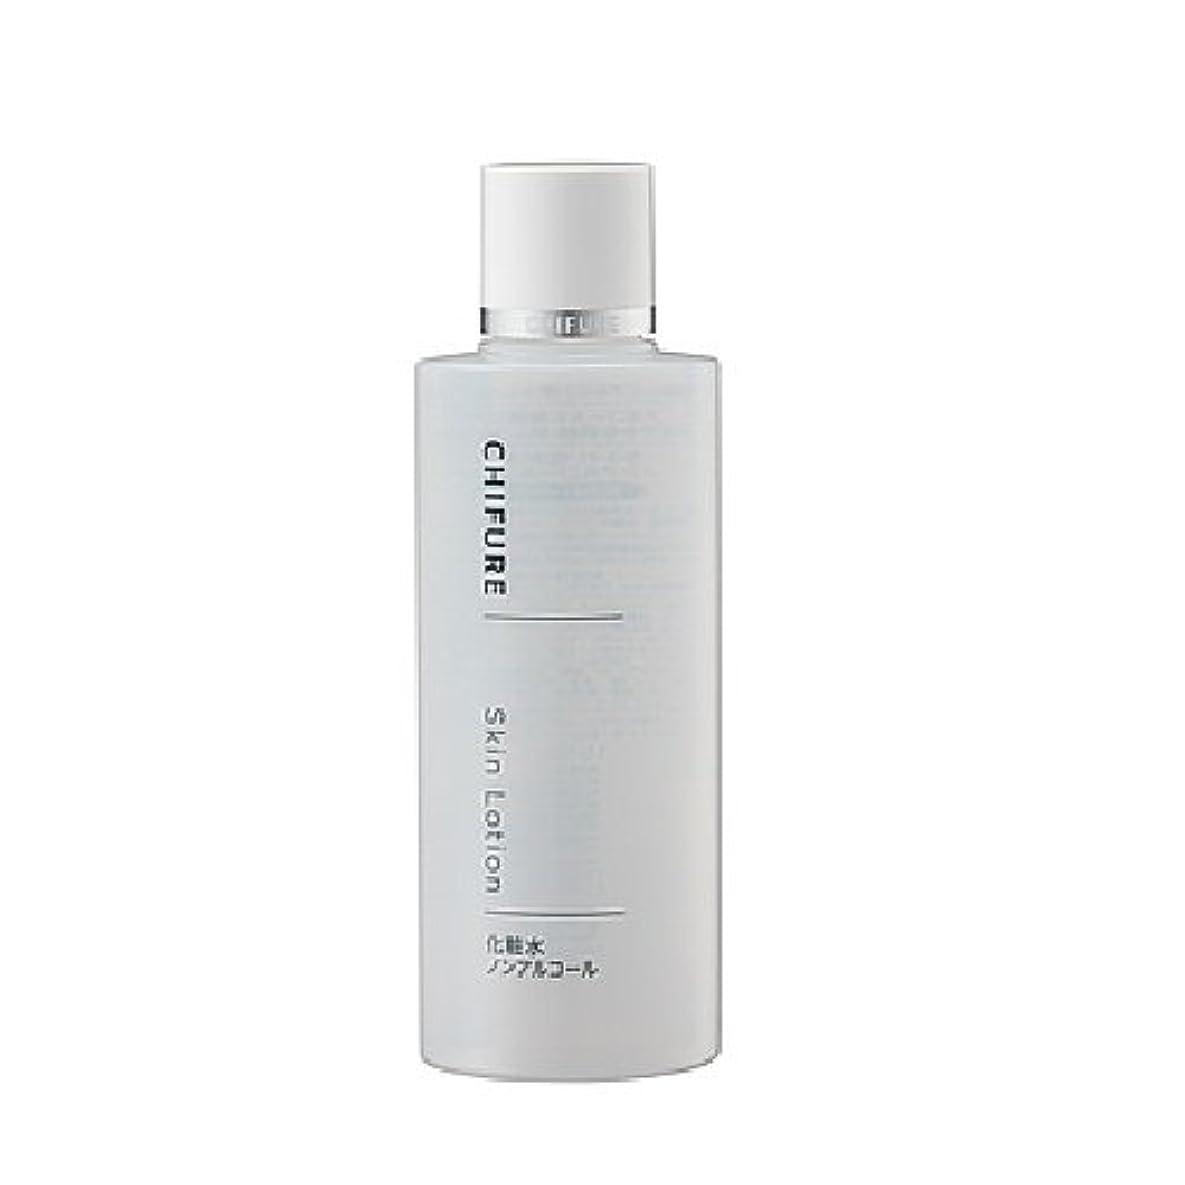 コンドーム感嘆クライマックスちふれ化粧品 化粧水 ノンアルコールタイプ 180ML